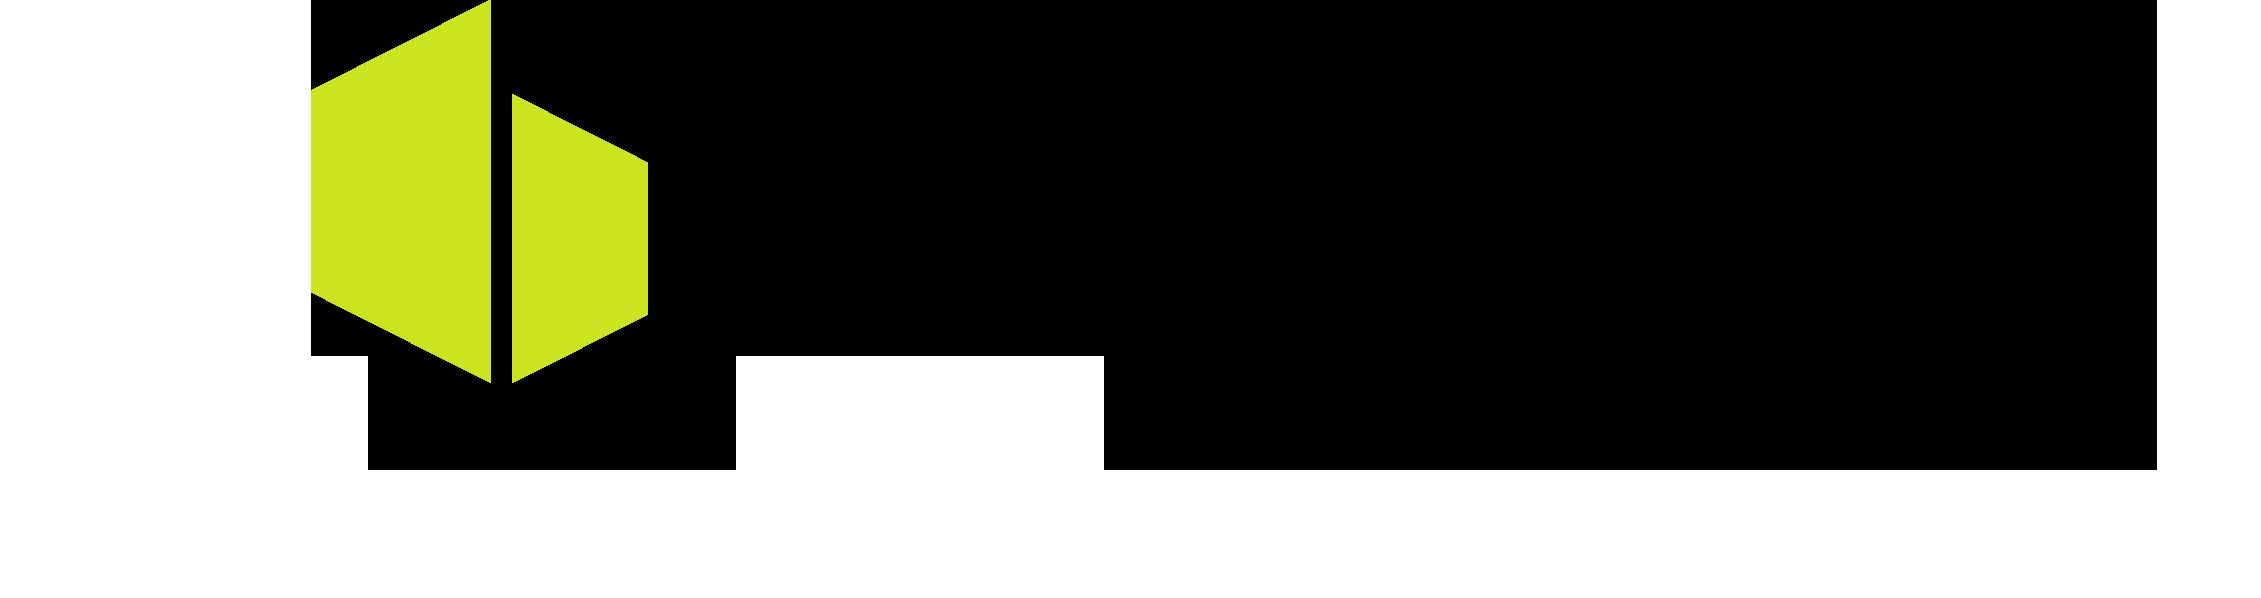 Logo-Illusstrator 10.png